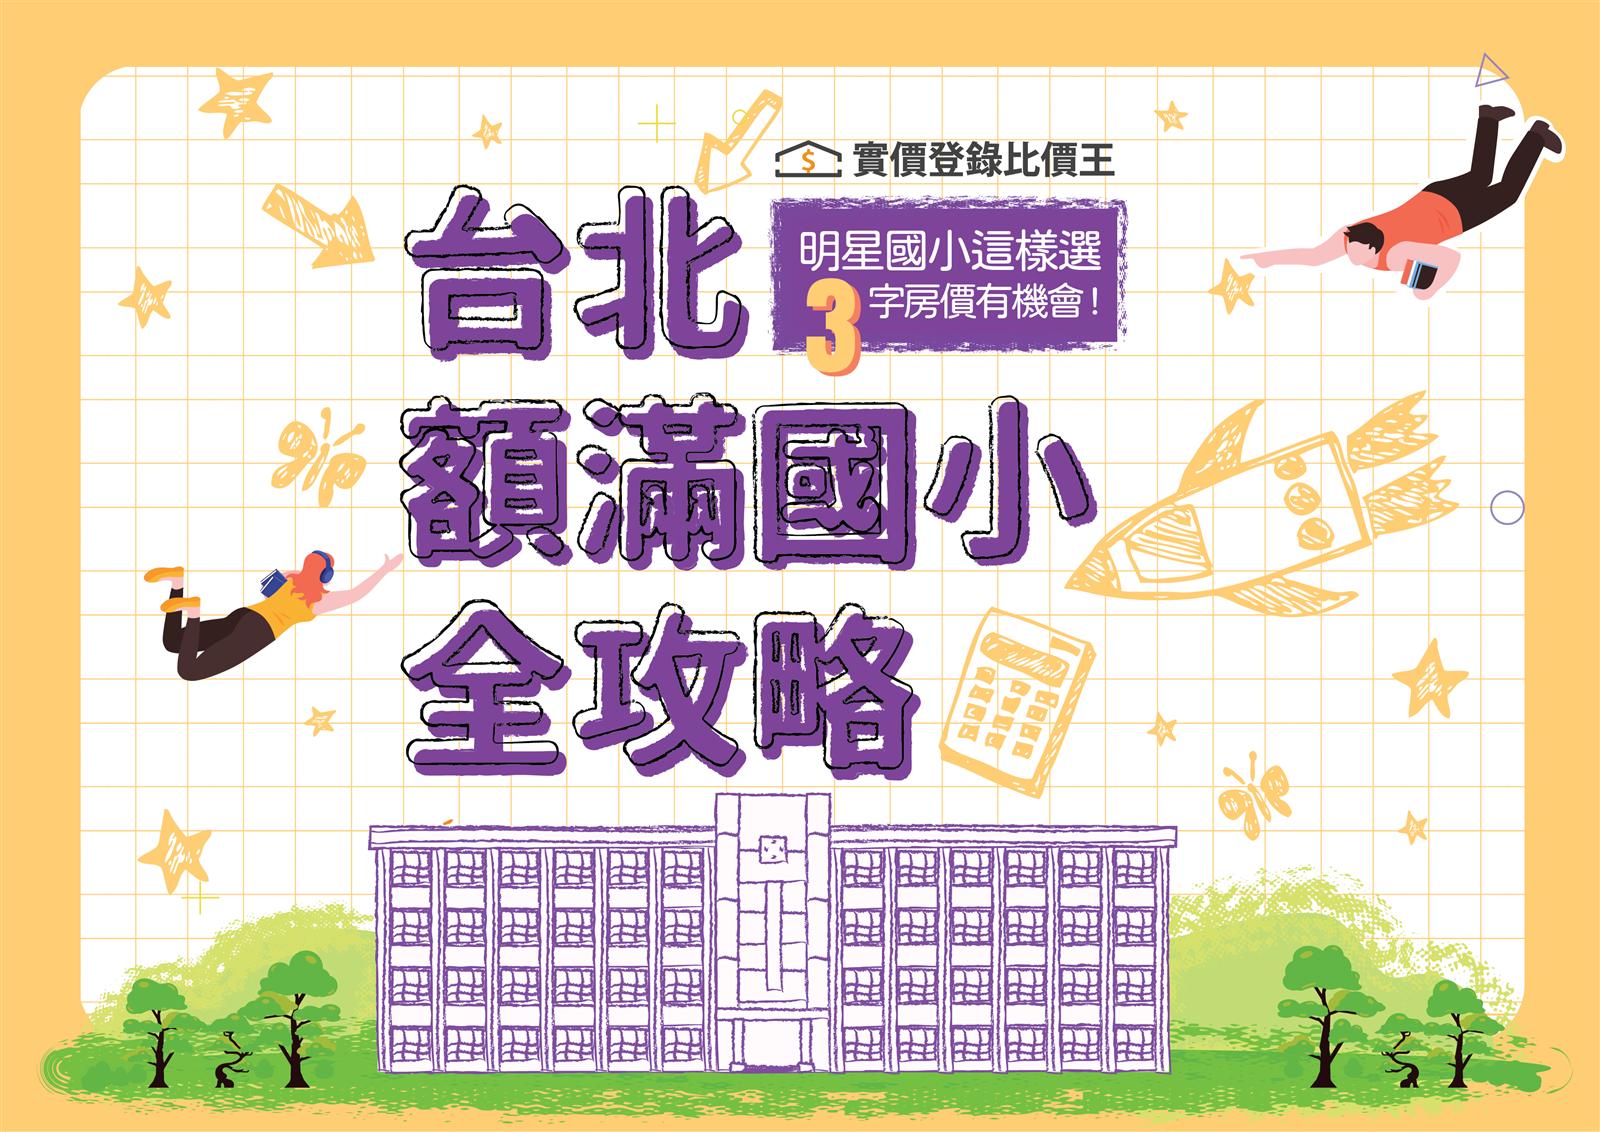 [懶人包]台北市42強額滿國小房價全攻略